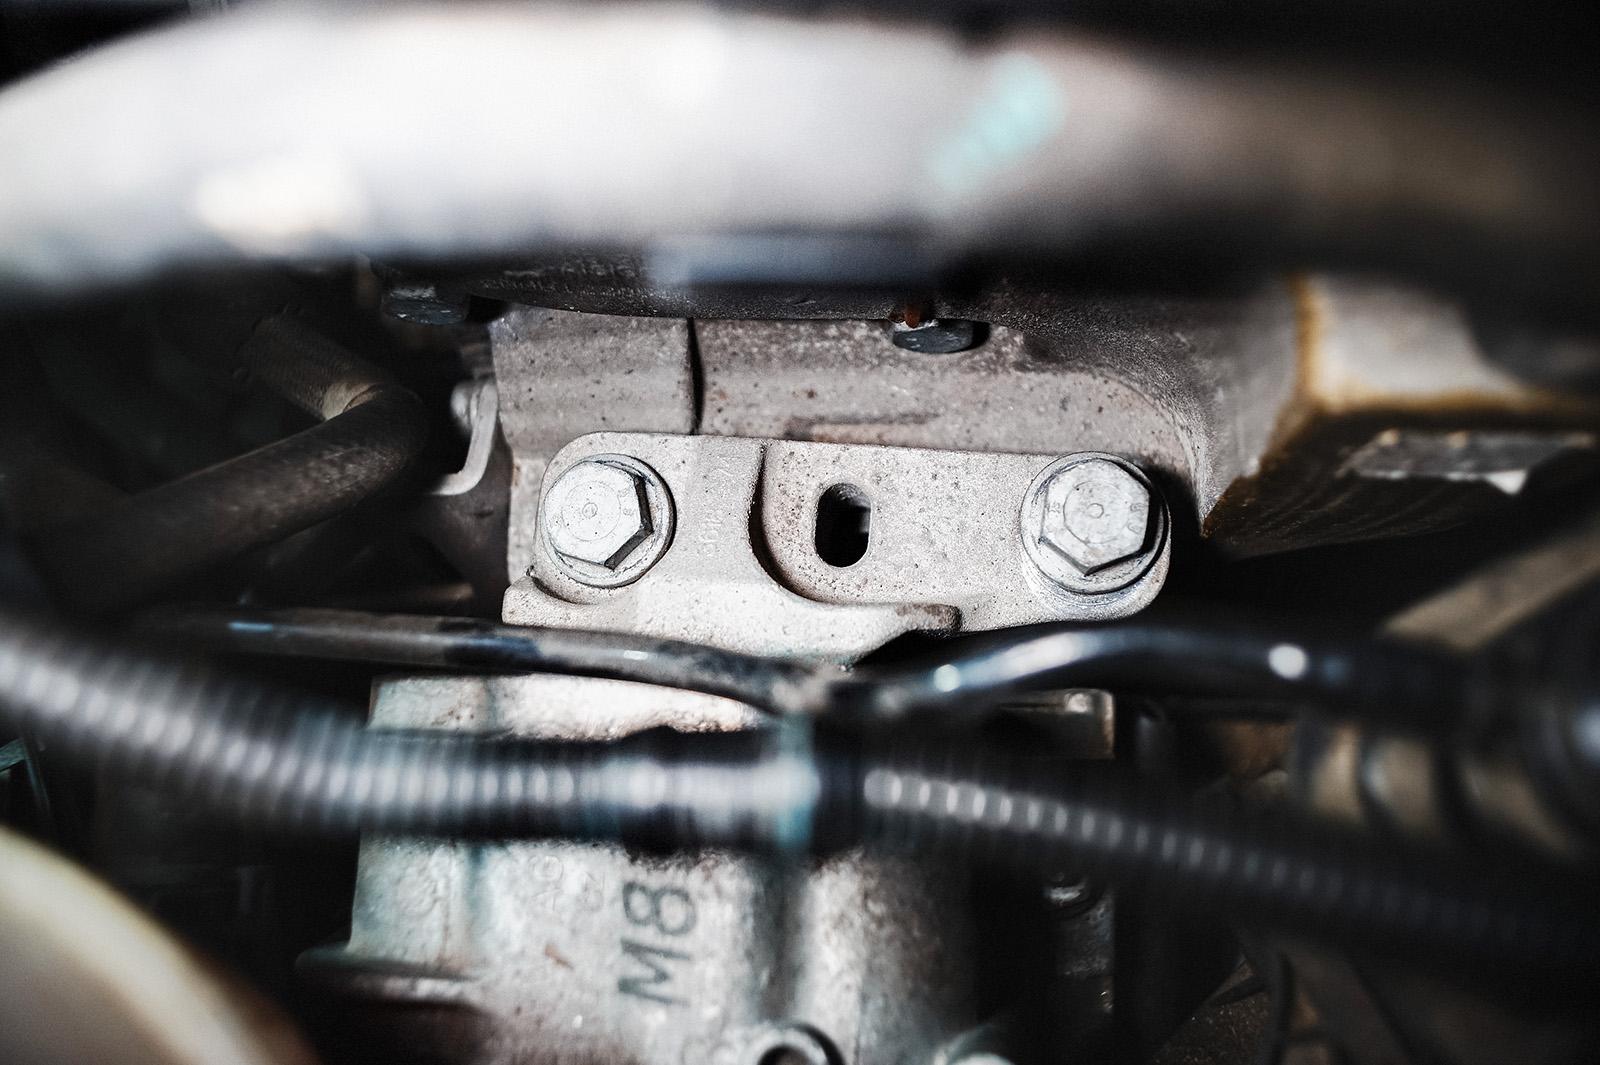 Вибрация двигателя Фольксваген Гольф всегда рядом, если опора двигателя прикручена без знаний